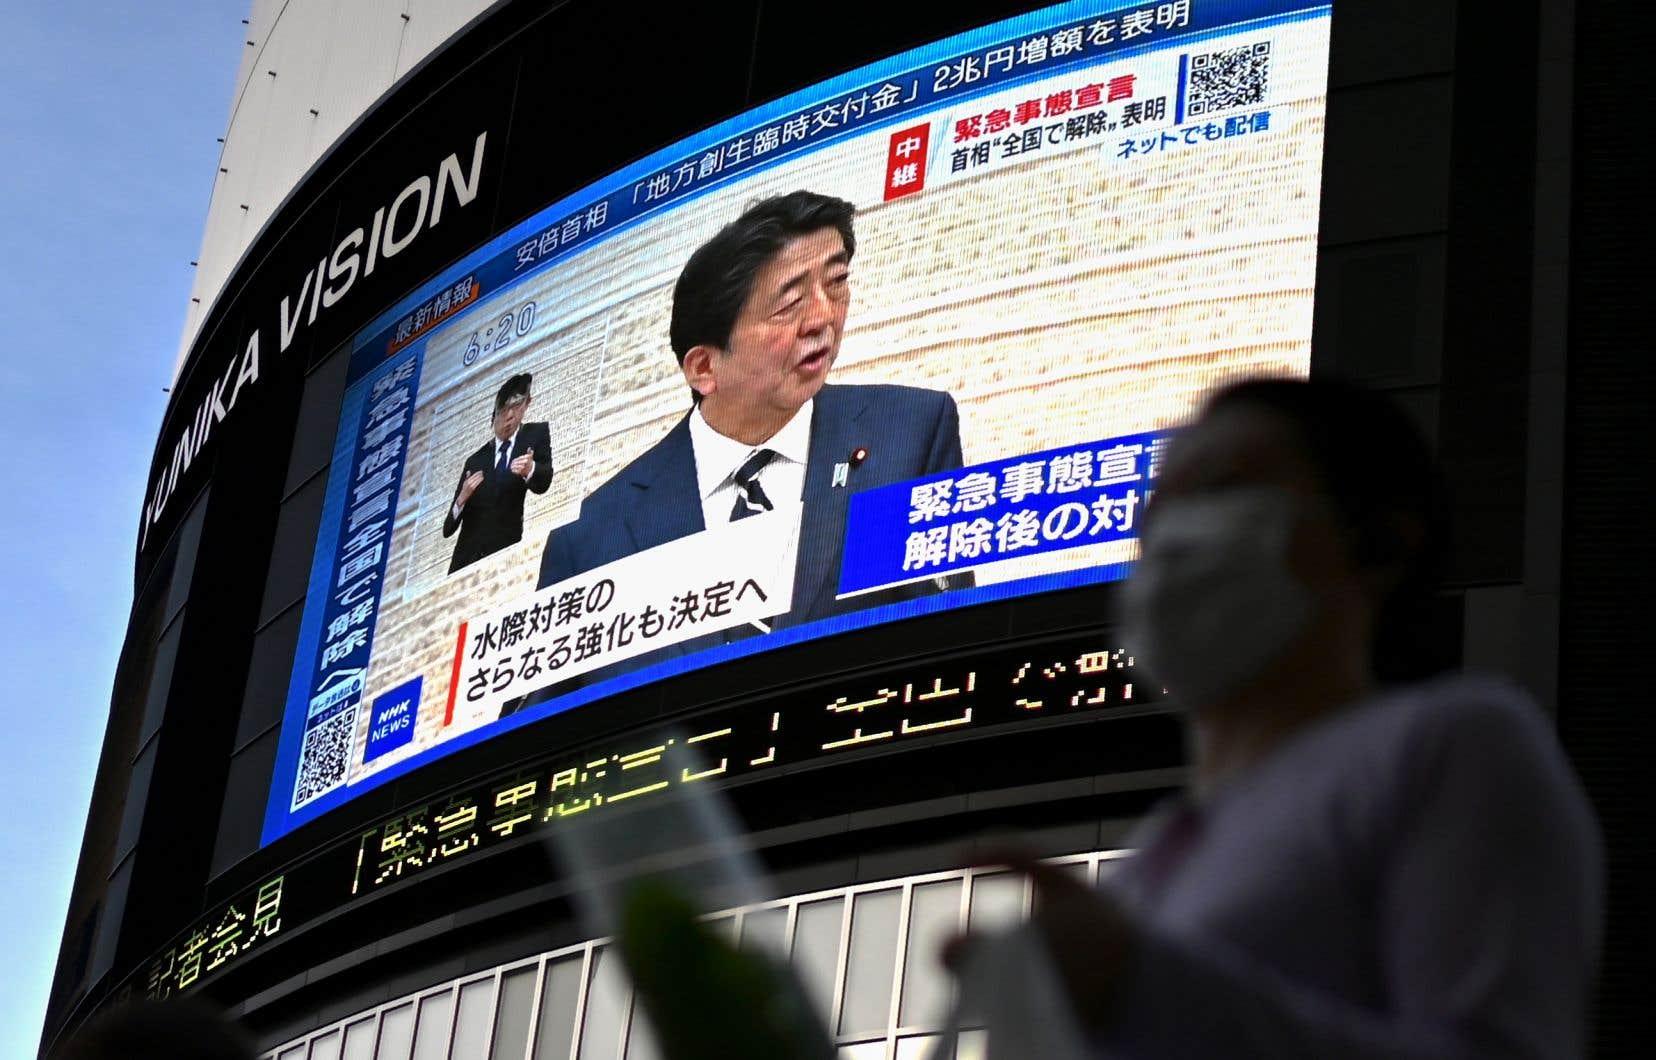 Le premier ministre japonais, ShinzoAbe a appelé lundi à la prudence et à s'adapter à «une nouvelle normalité».